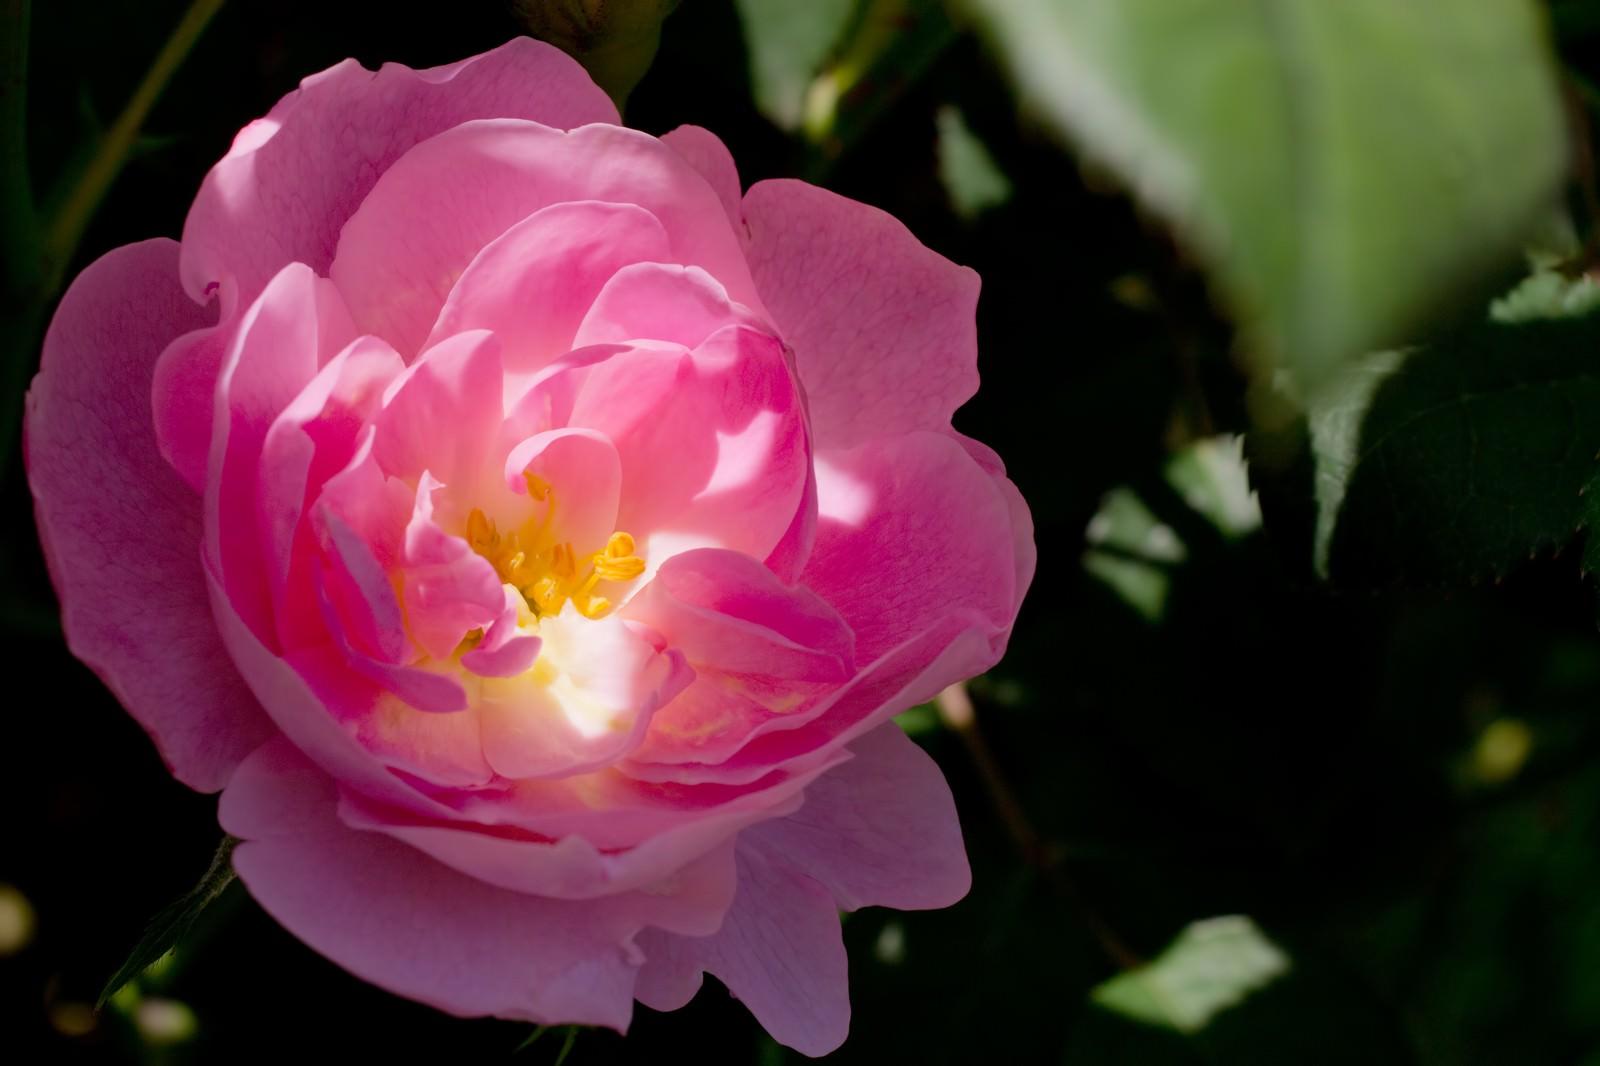 「日が差し込むピンクの薔薇」の写真